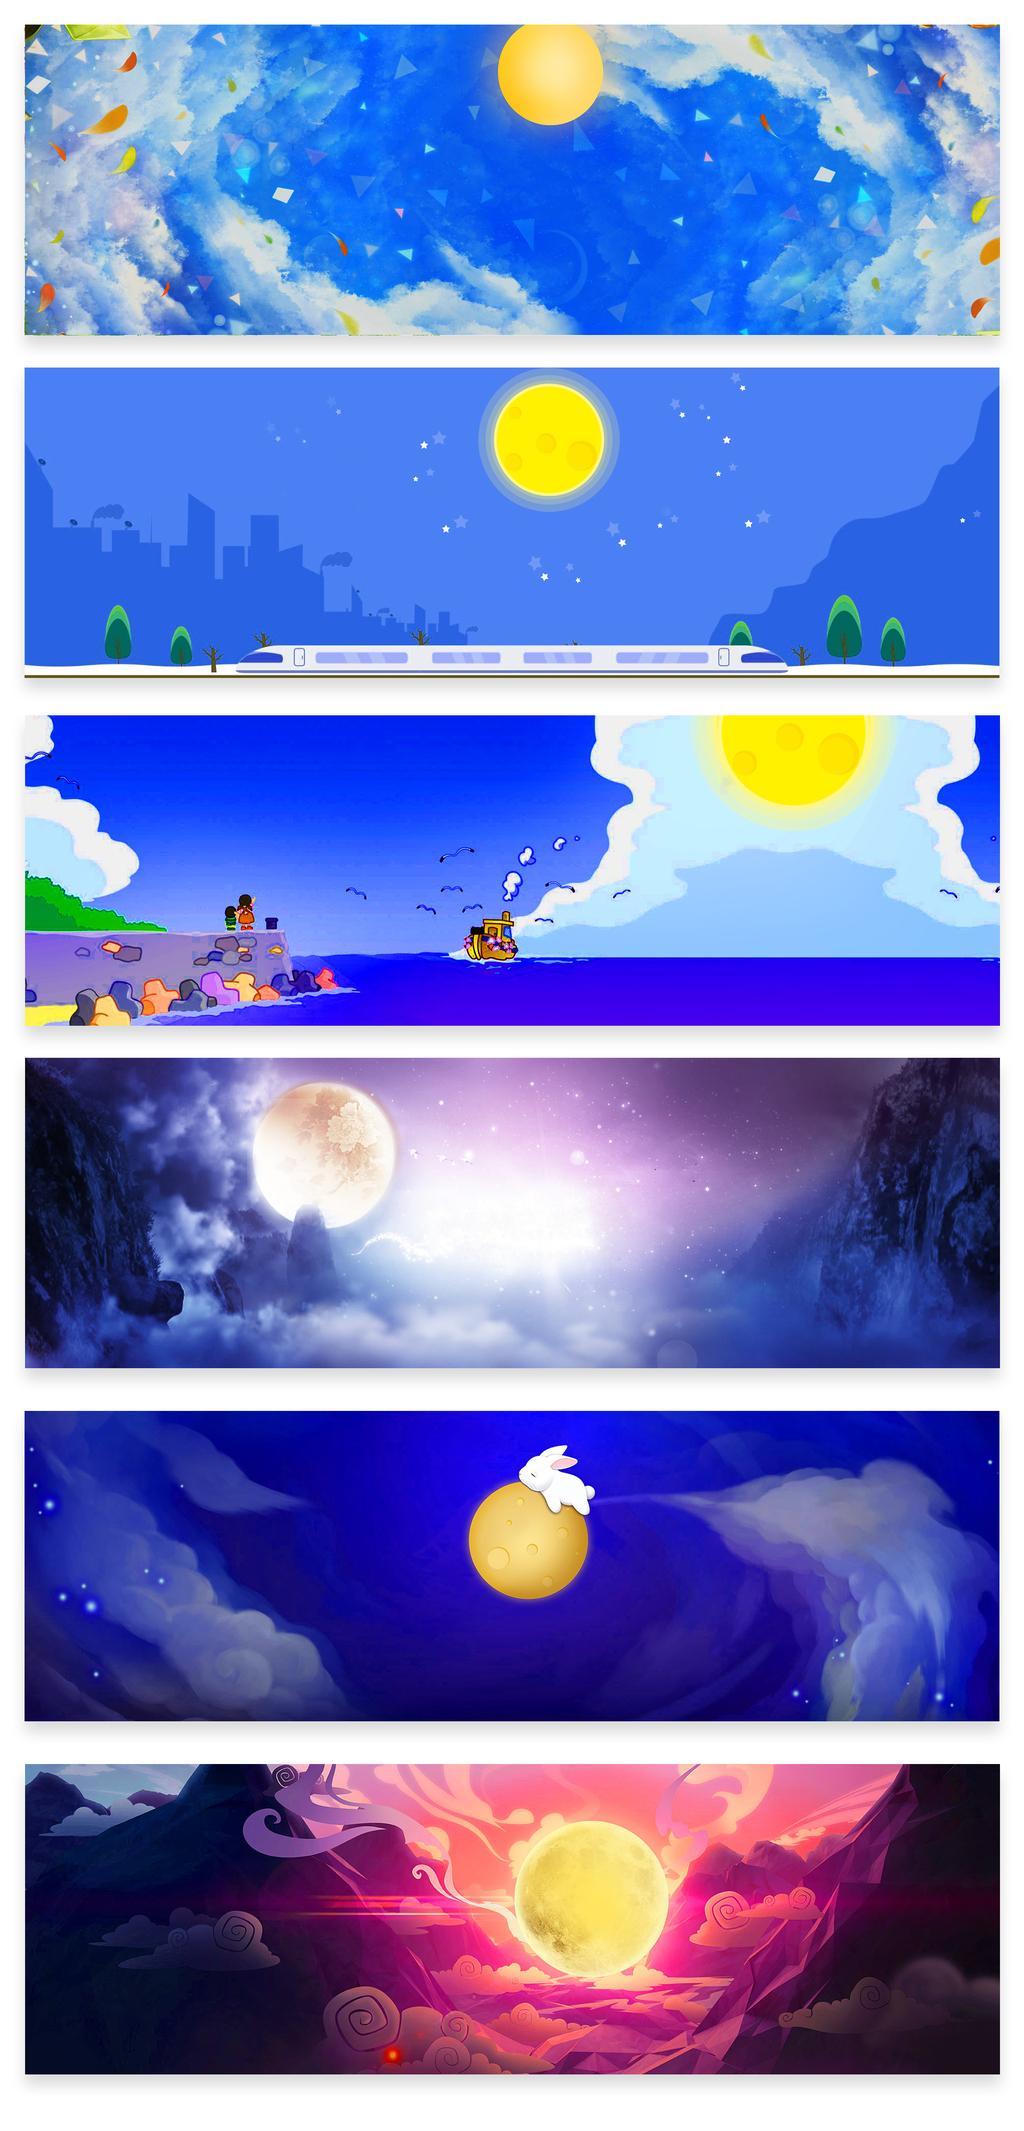 蓝色梦幻手绘卡通海报背景设计